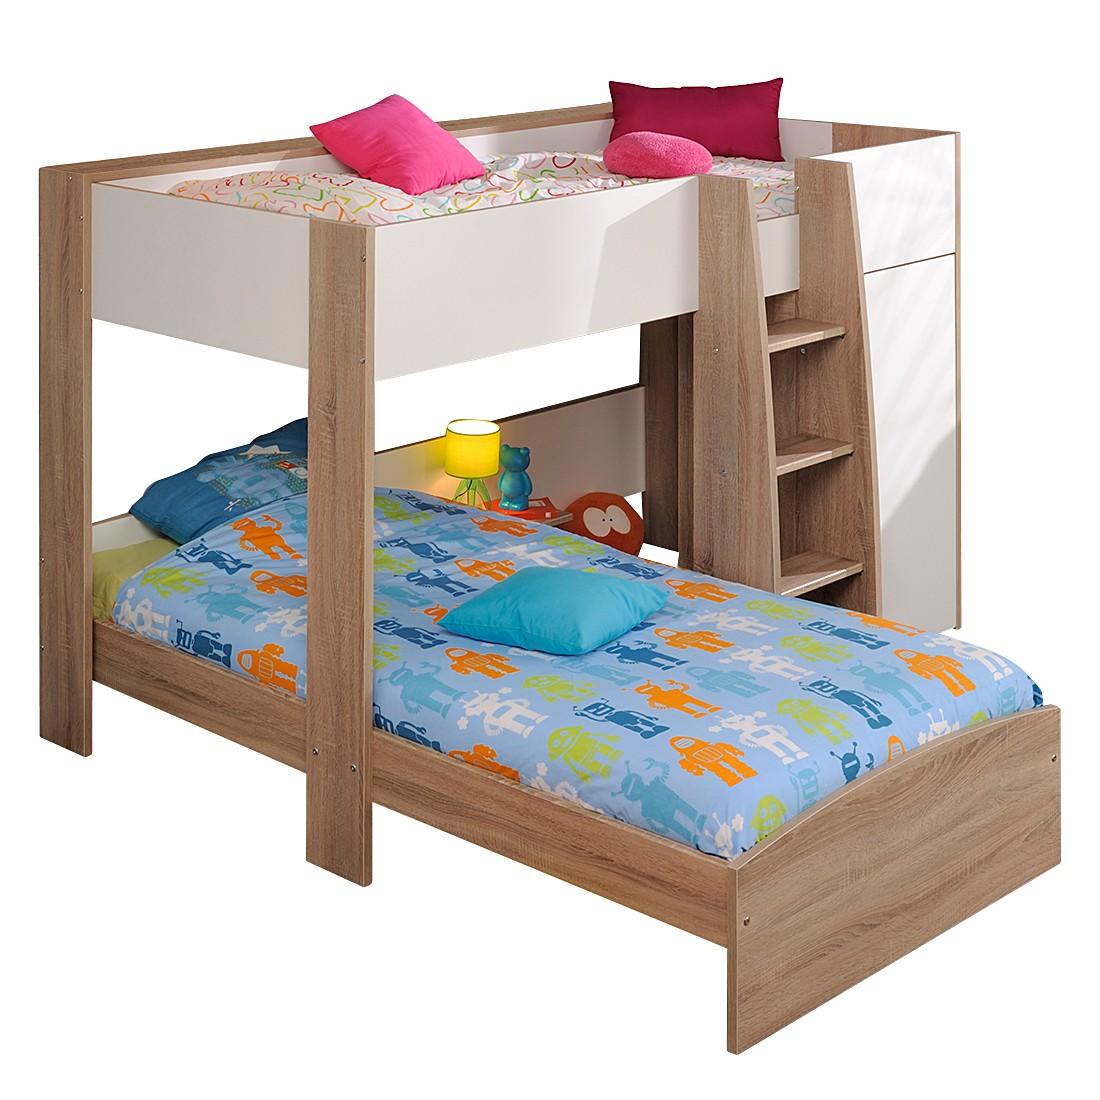 kinderzimmer online g nstig kaufen ber shop24. Black Bedroom Furniture Sets. Home Design Ideas